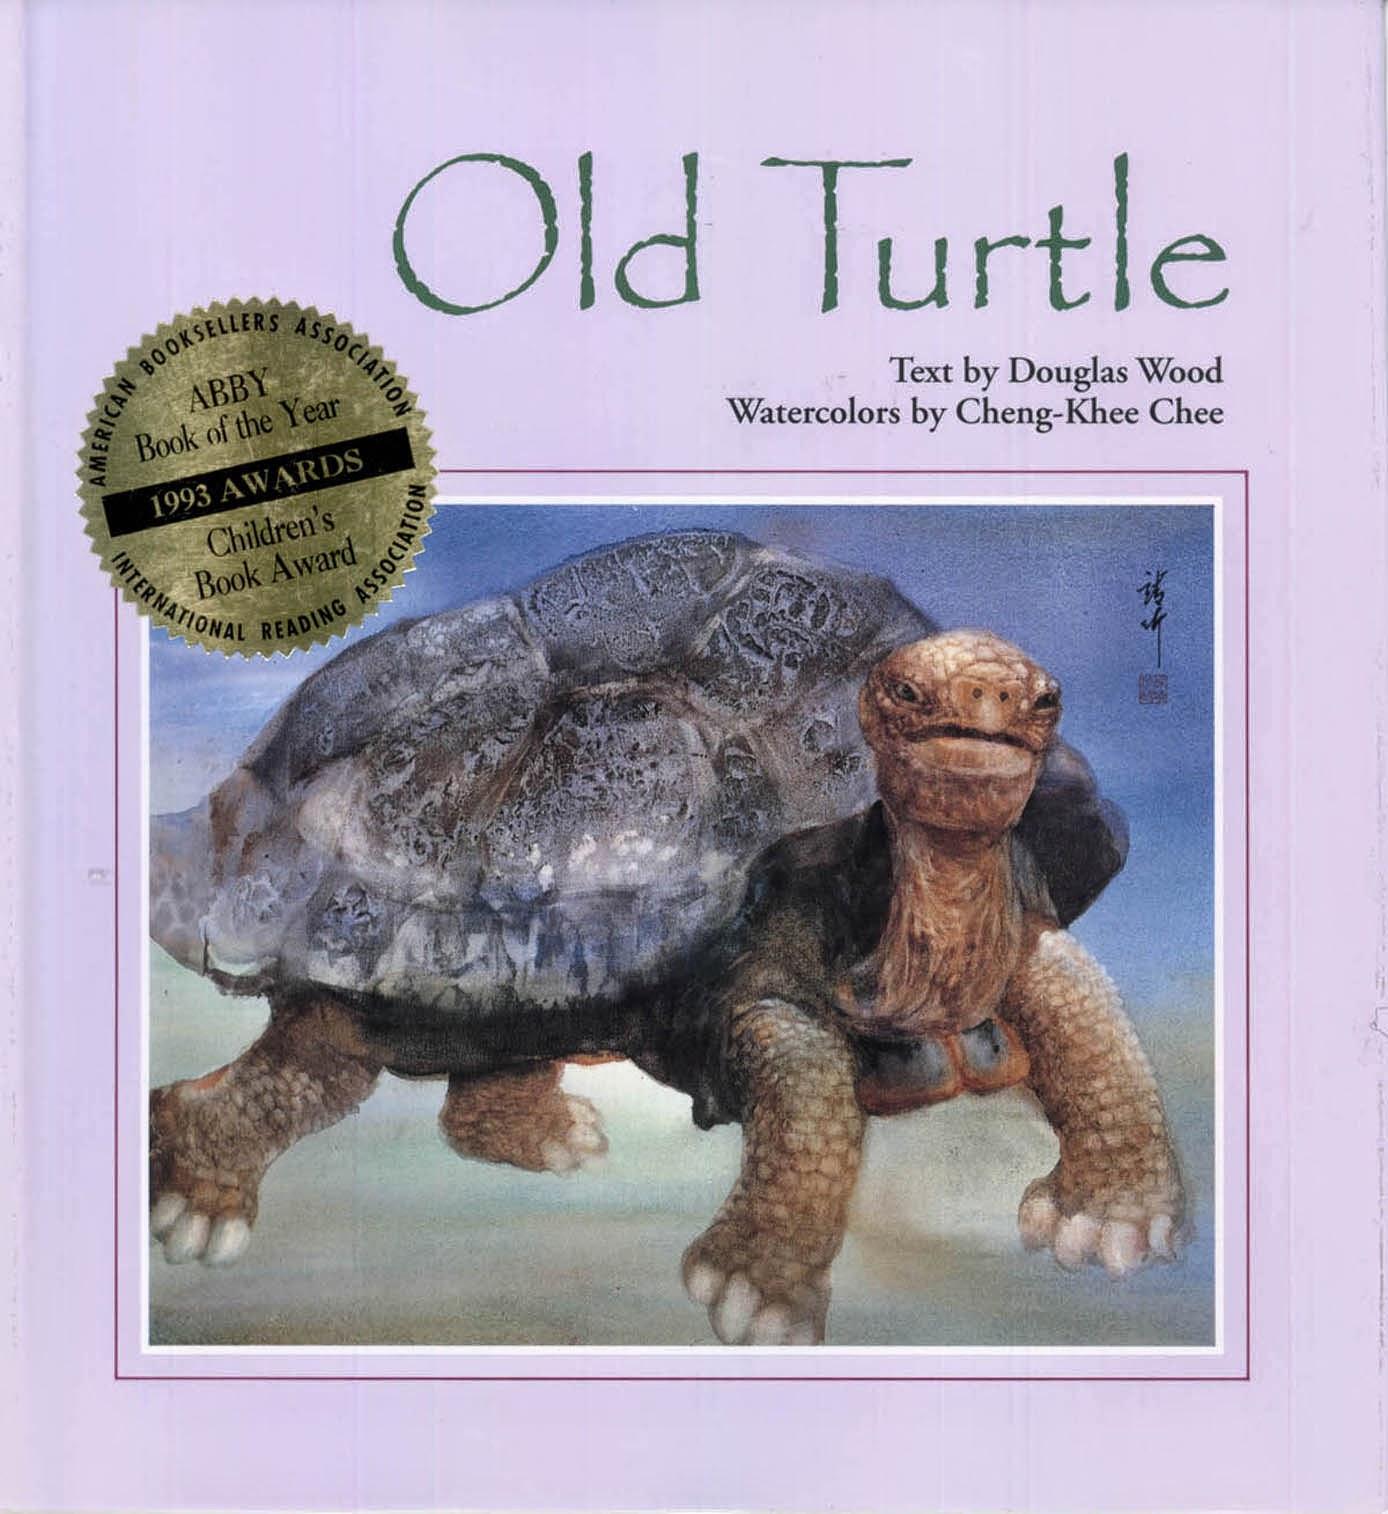 oldturtle_cover.jpg